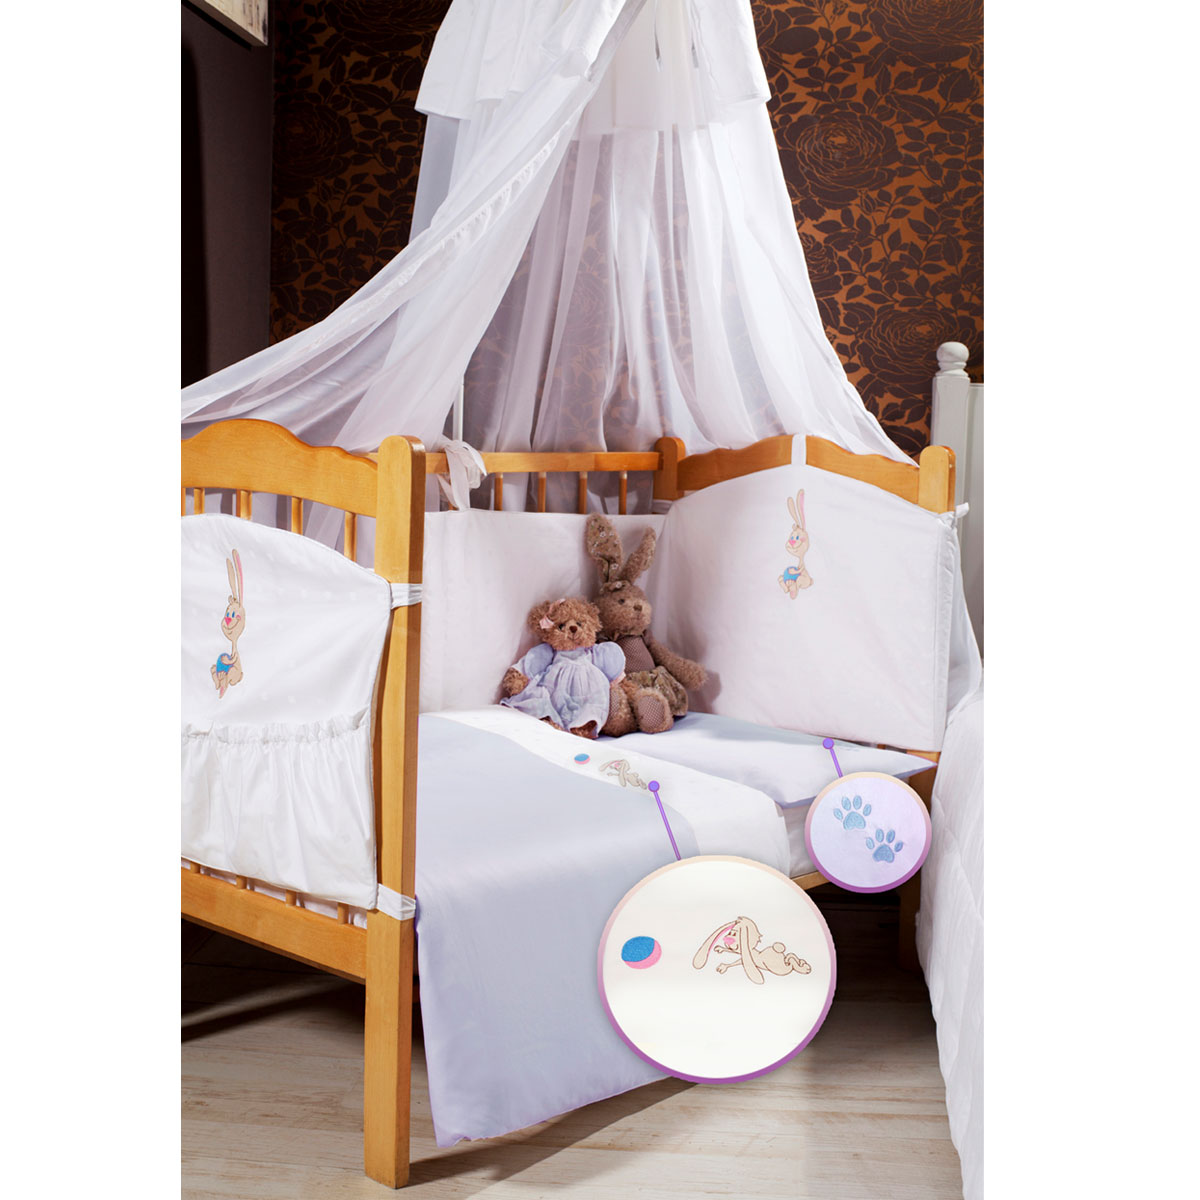 Детское постельное белье Primavelle Lovely Baby (ясельный спальный КПБ, хлопок, наволочка 42х62), цвет: голубой521203Детское постельное белье Primavelle Lovely Baby прекрасно подойдет для вашего малыша. Текстиль произведен из 100% хлопка. При нанесении рисунка используются безопасные натуральные красители, не вызывающие аллергии. Гладкая структура делает ткань приятной на ощупь, она прочная и хорошо сохраняет форму, мало мнется и устойчива к частым стиркам. Комплект состоит из наволочки, простыни на резинке и пододеяльника. Яркий рисунок непременно понравится вашему ребенку.В комплект входят: Пододеяльник - 1 шт. Размер: 145 см х 115 см. Простыня - 1 шт. Размер: 120 см х 60 см. Наволочка - 1 шт. Размер: 42 см х 62 см.